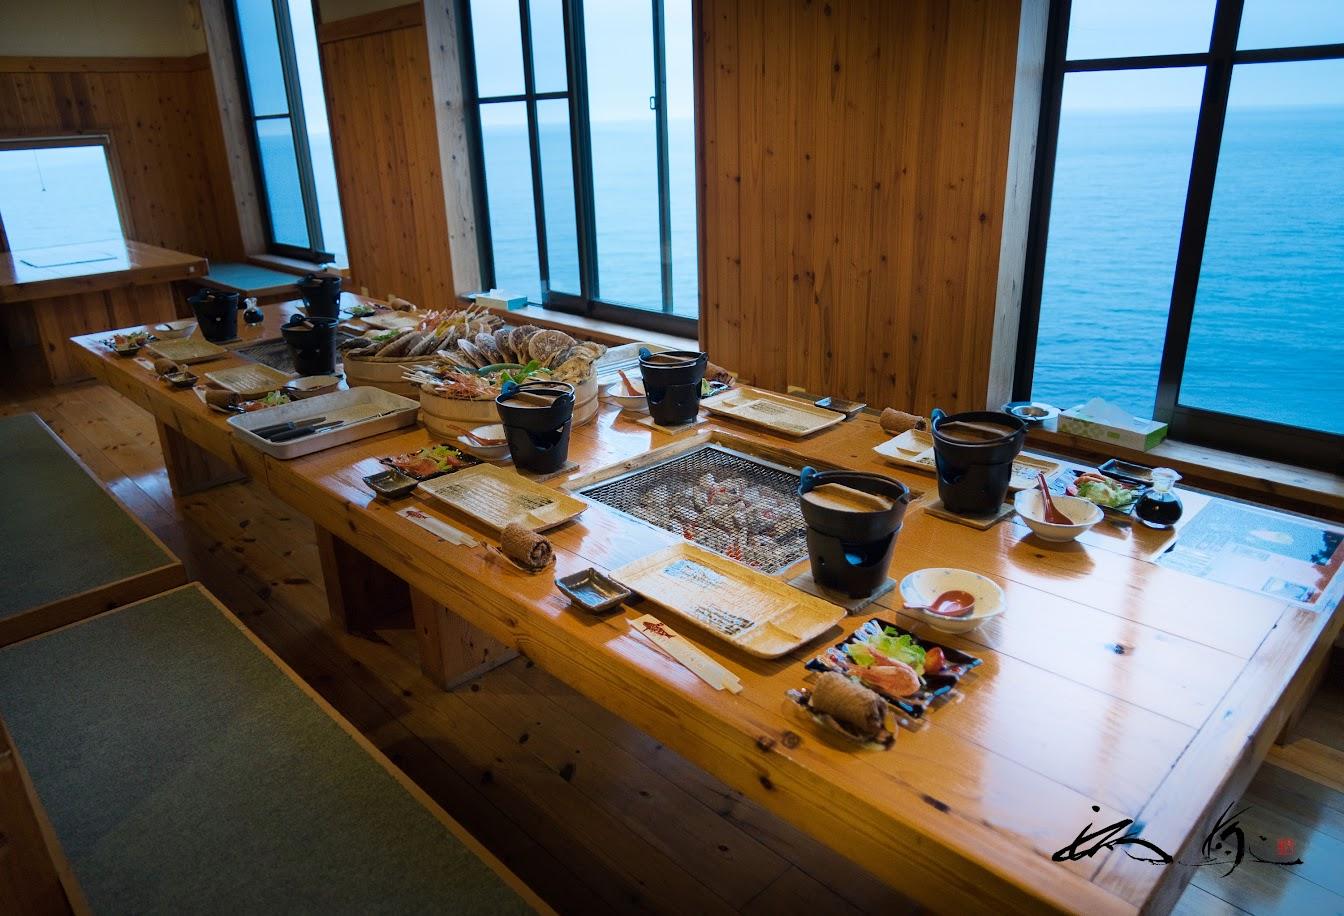 岩尾温泉宿・夕陽荘(せきようそう・増毛町)で海鮮炉端焼きを堪能